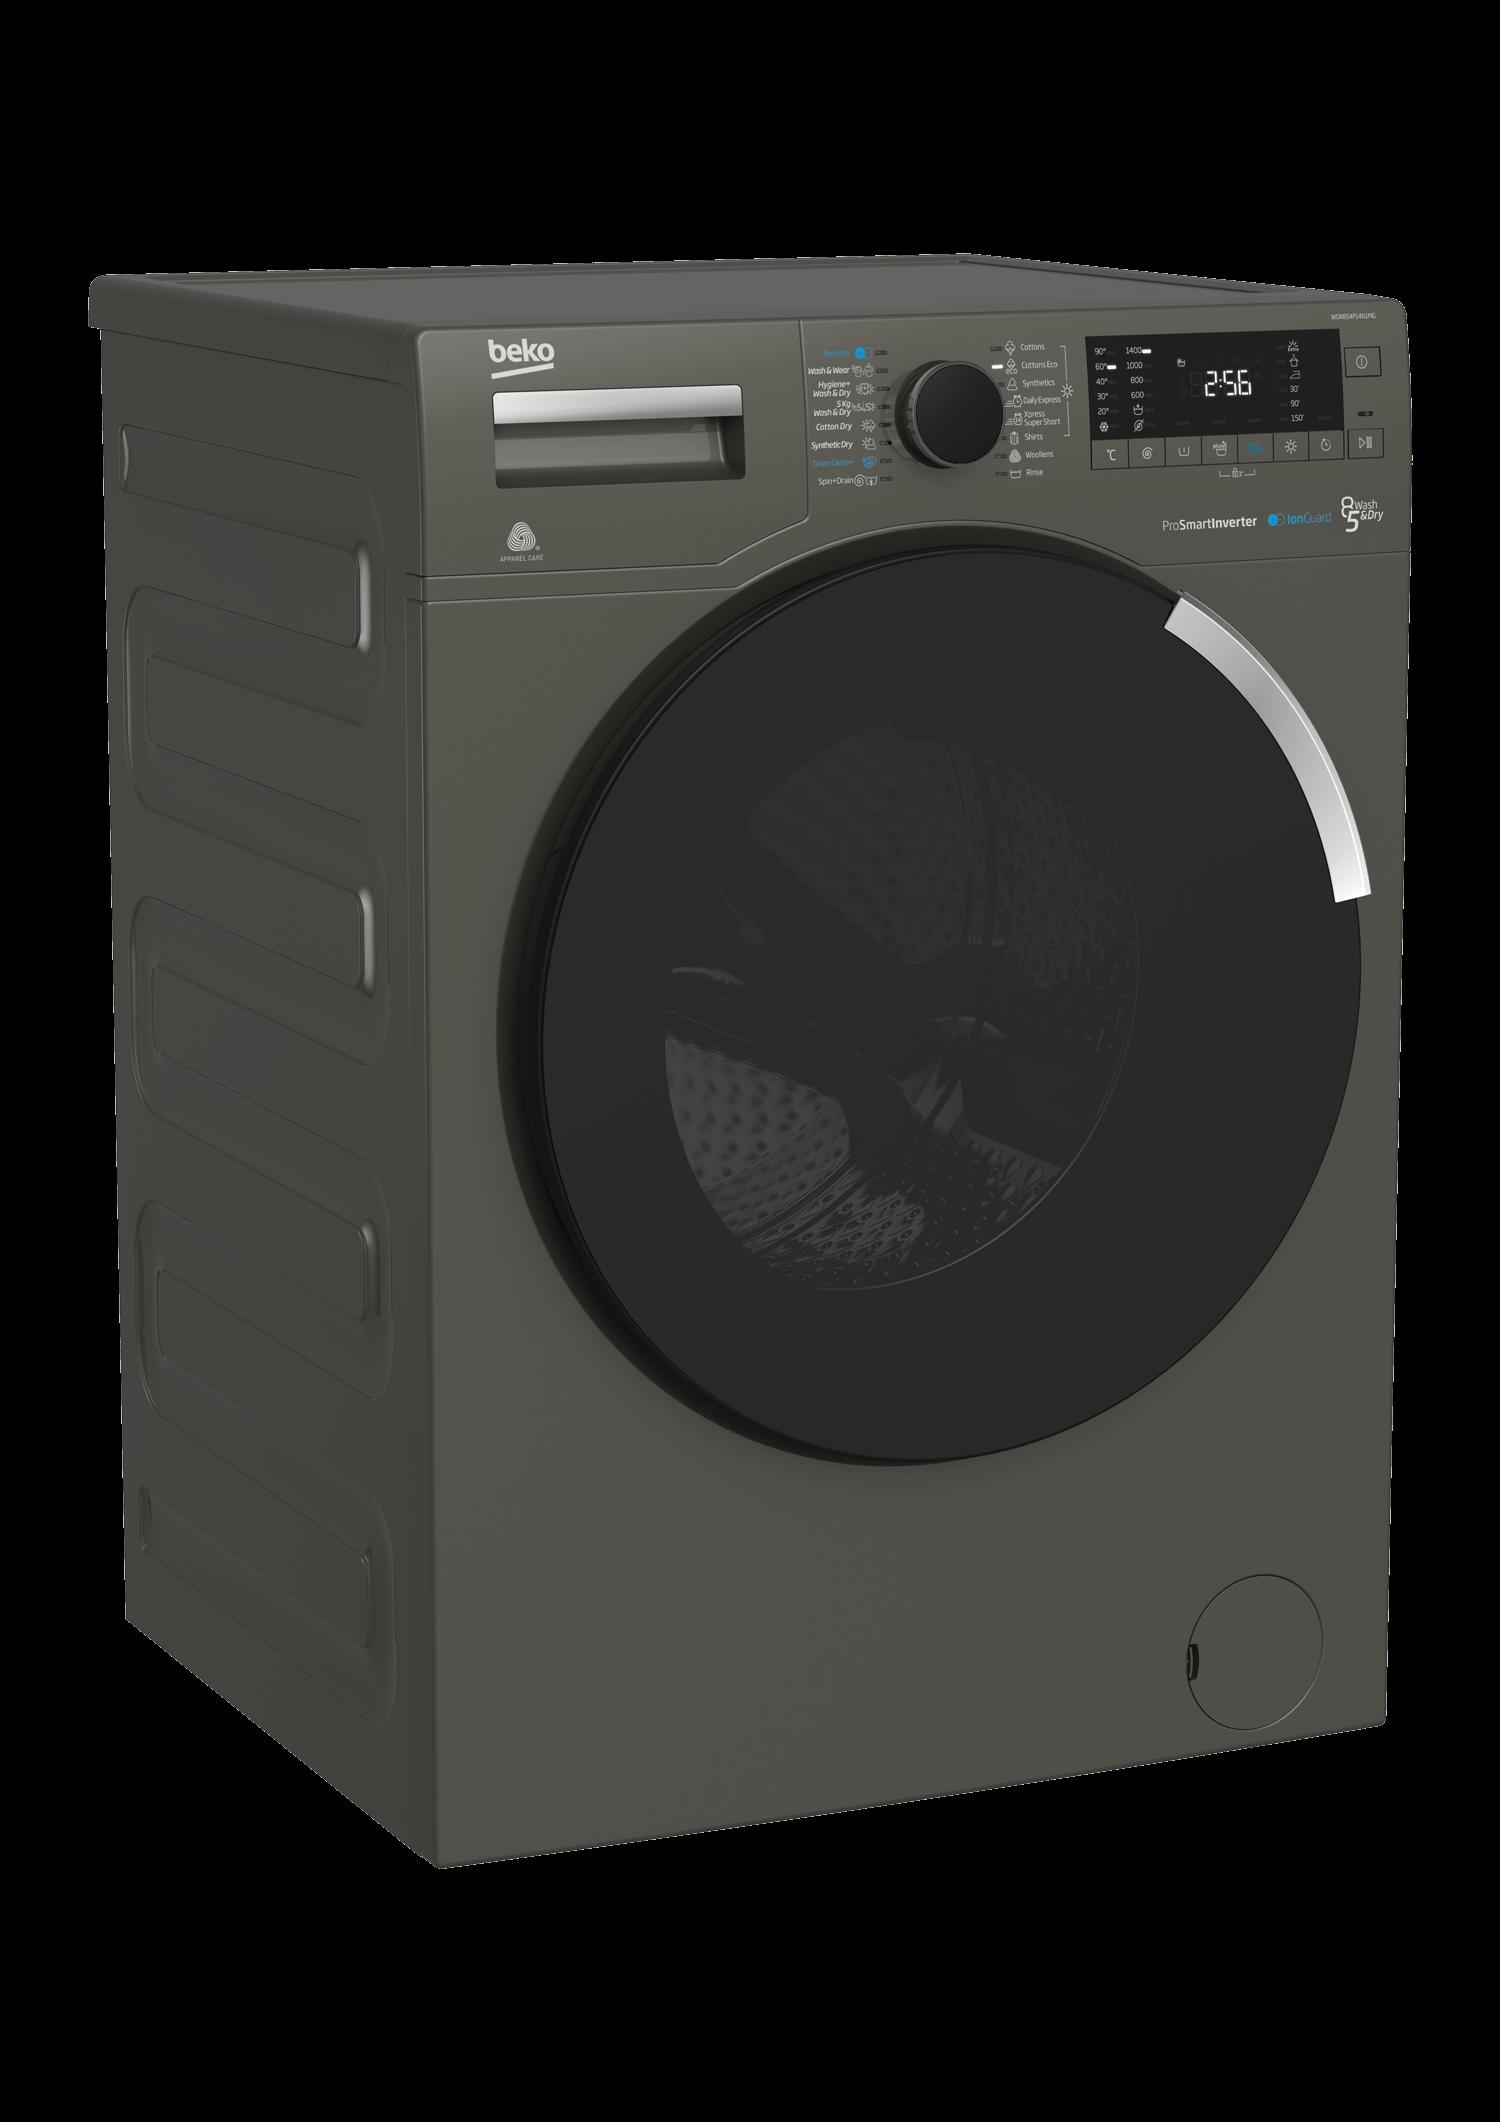 BEKO 16 Programes Front Load Washer Dryer WDR854P14N1MG